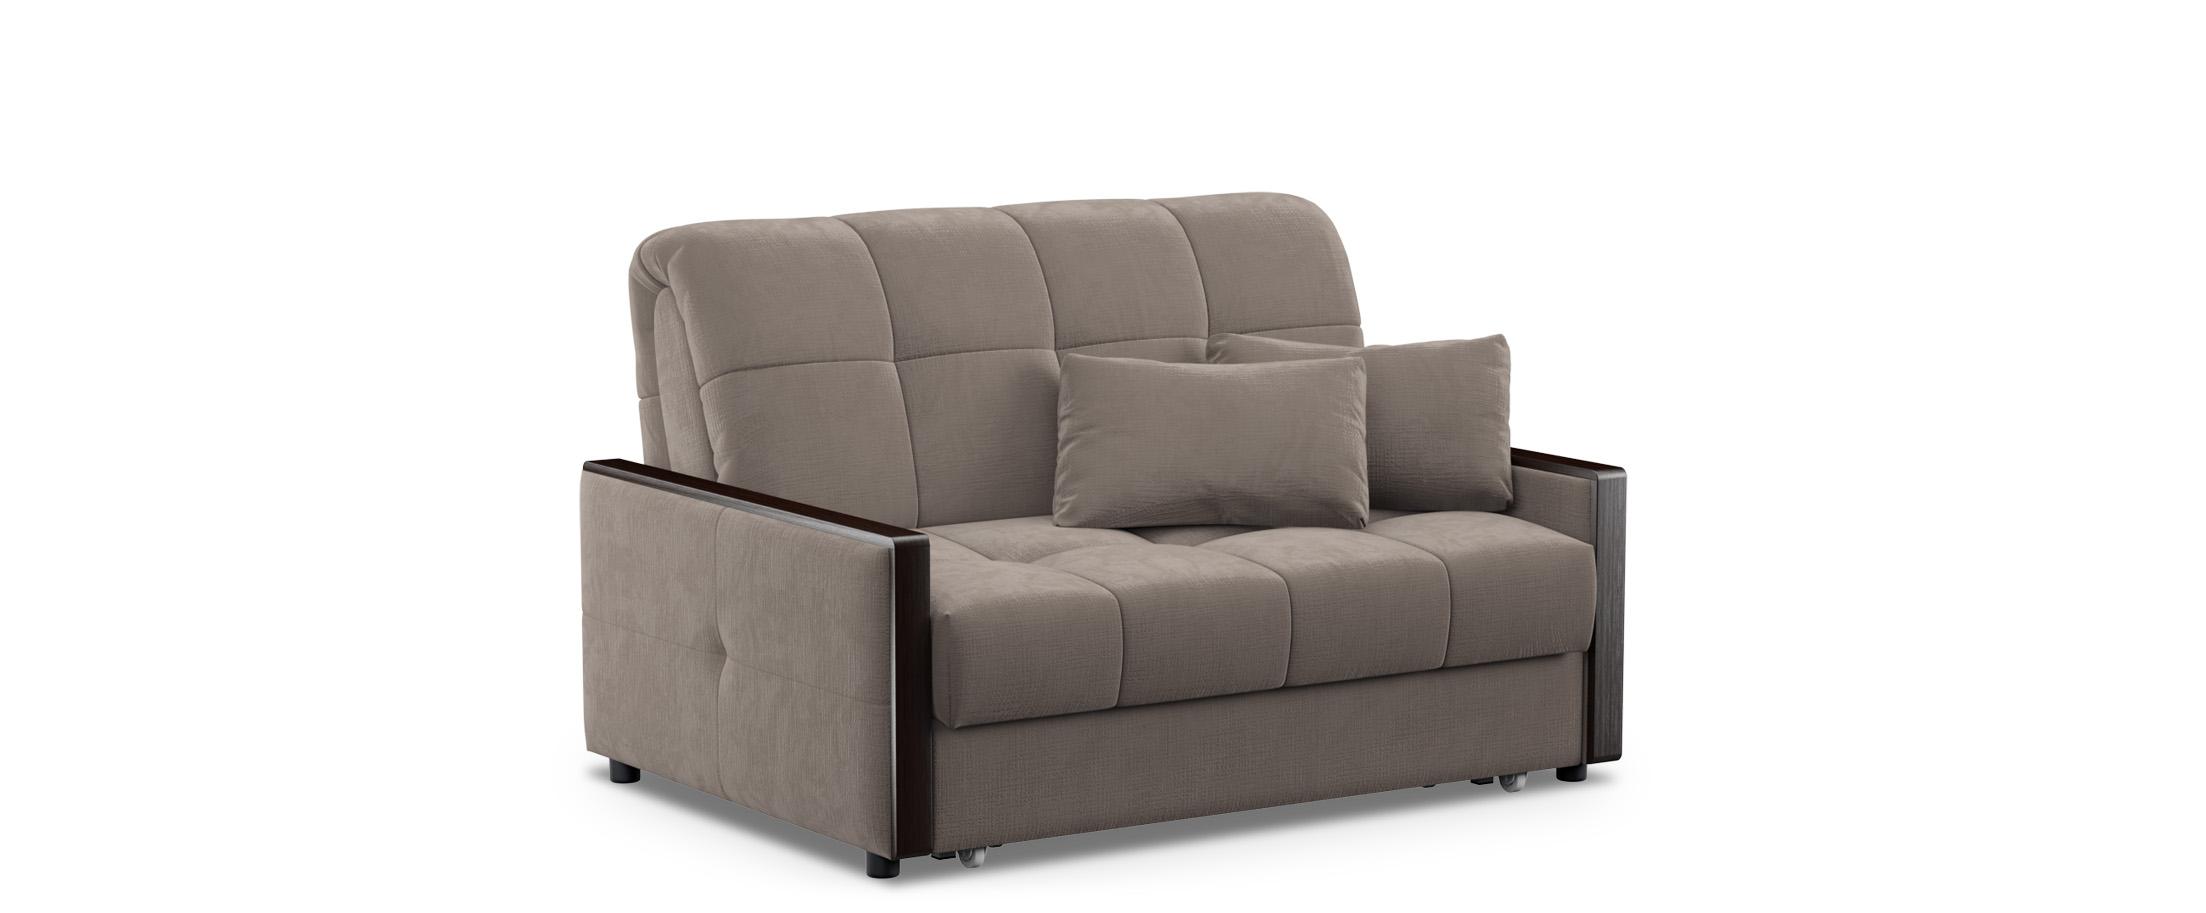 Диван прямой аккордеон Мадрид 125Гостевой вариант и полноценное спальное место. Размеры 139х104х90 см. Купить коричневый диван аккордеон в интернет-магазине MOON-TRADE.RU